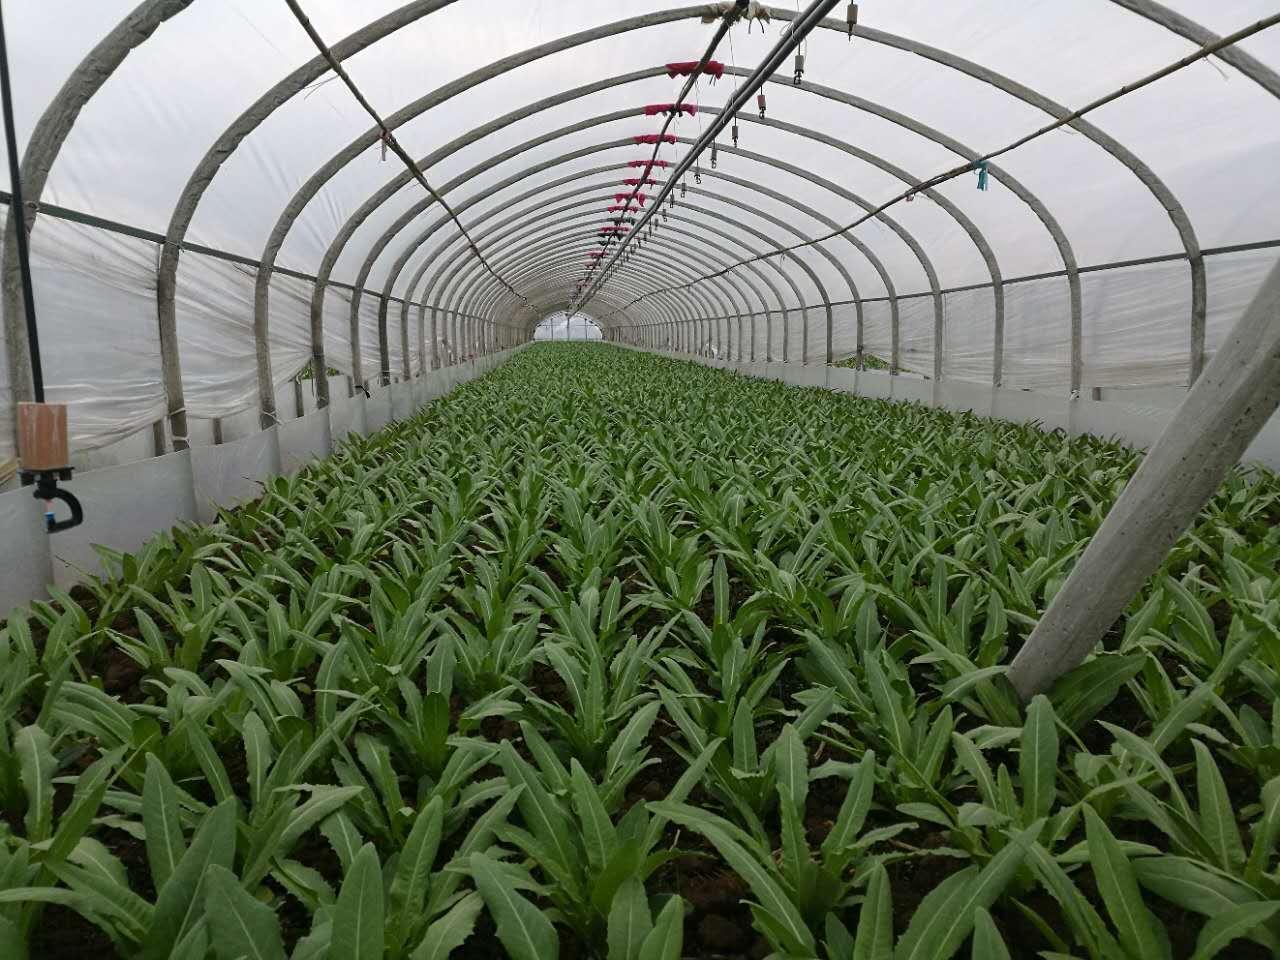 黔南農用塑料薄膜-為您提供好的大棚膜資訊